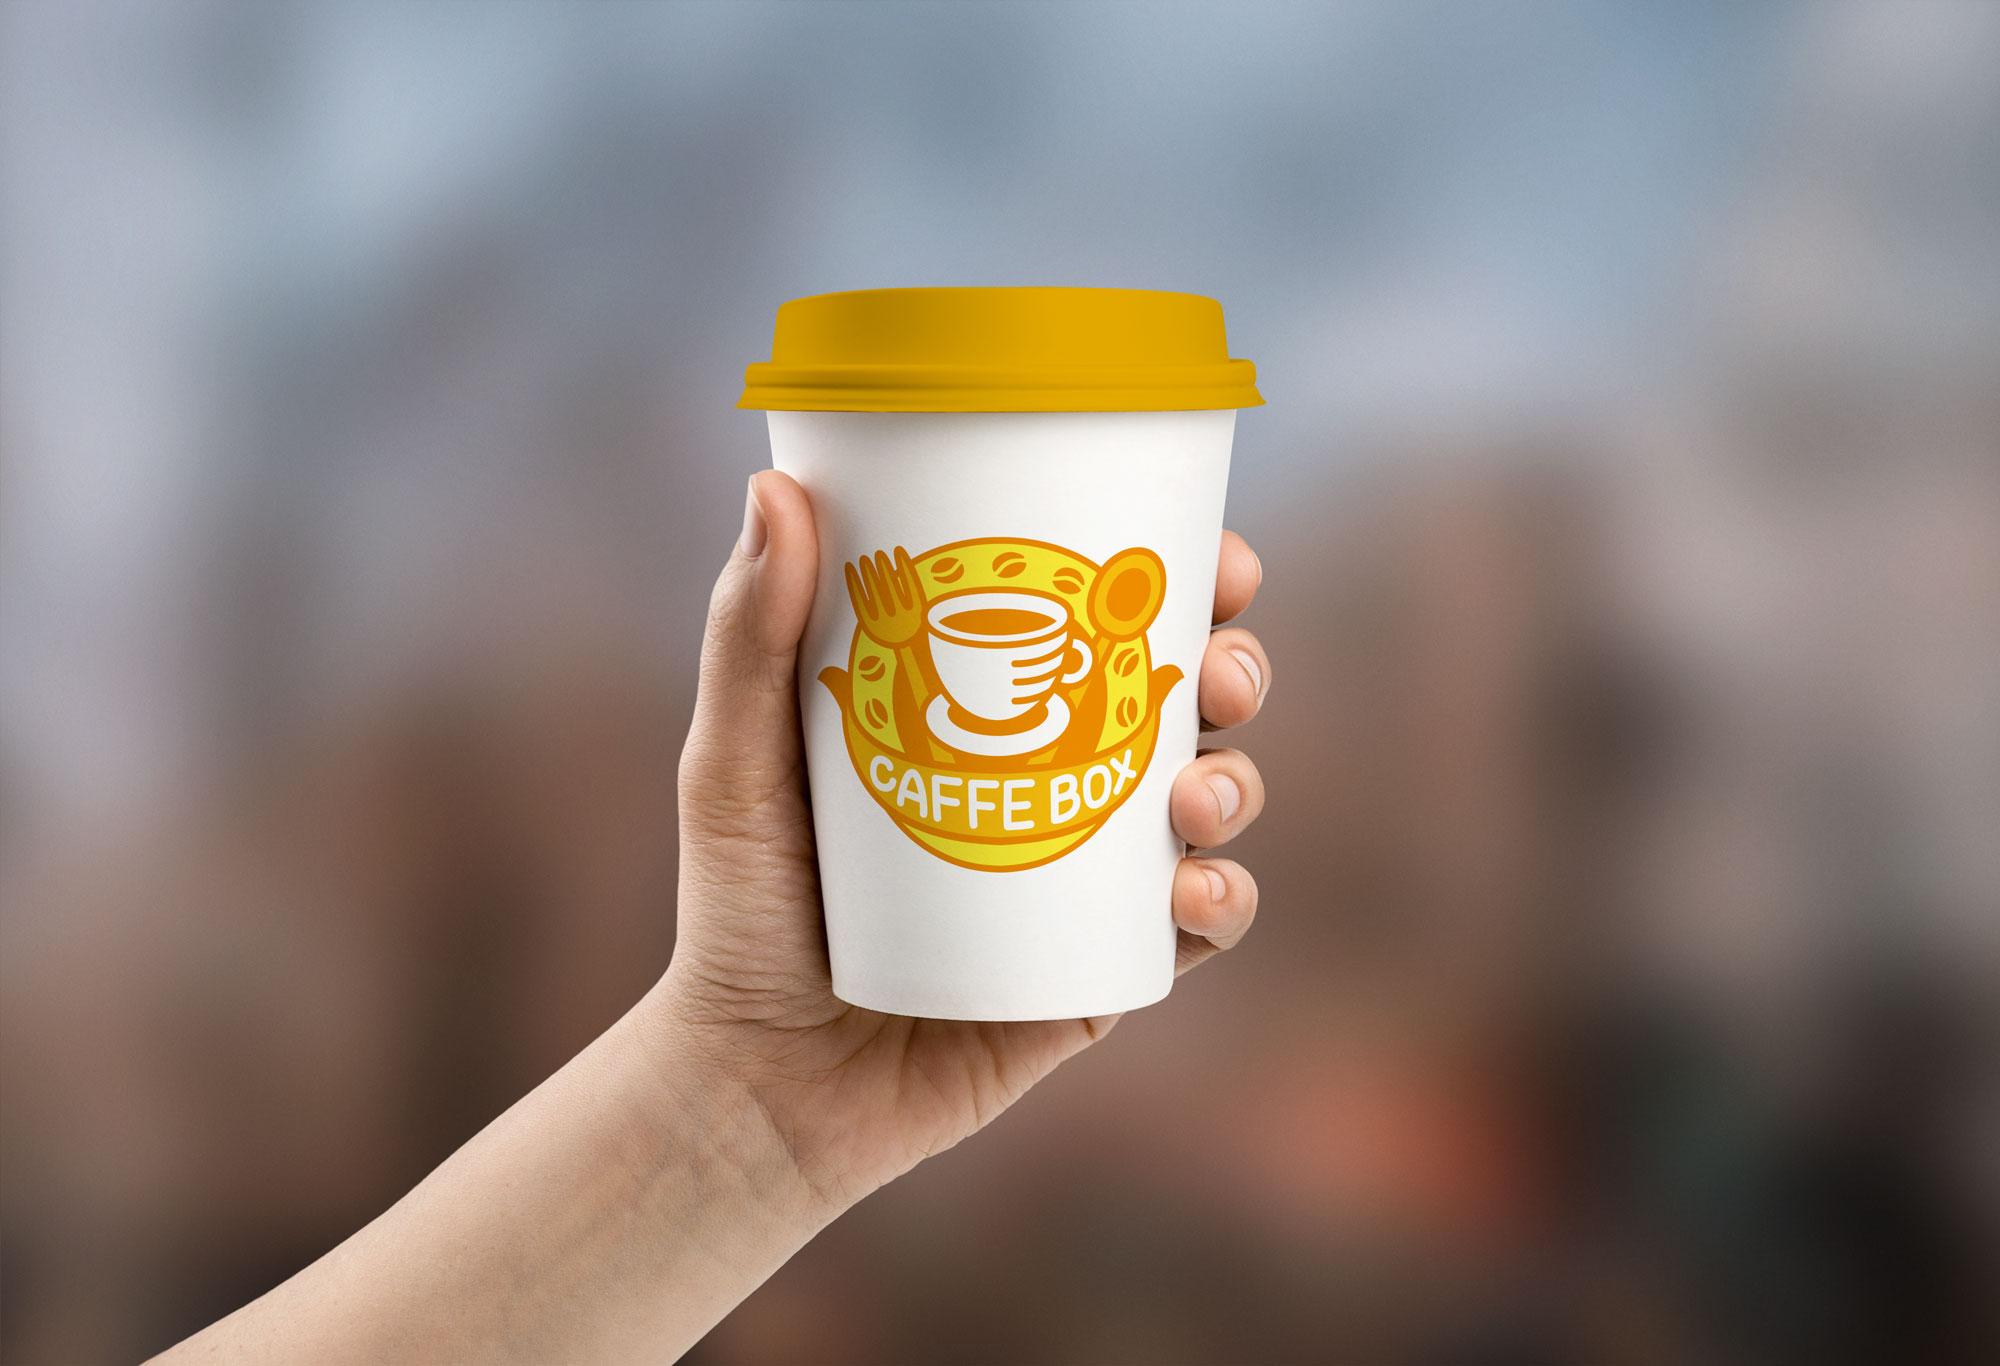 Требуется очень срочно разработать логотип кофейни! фото f_8535a130b4cc8884.jpg